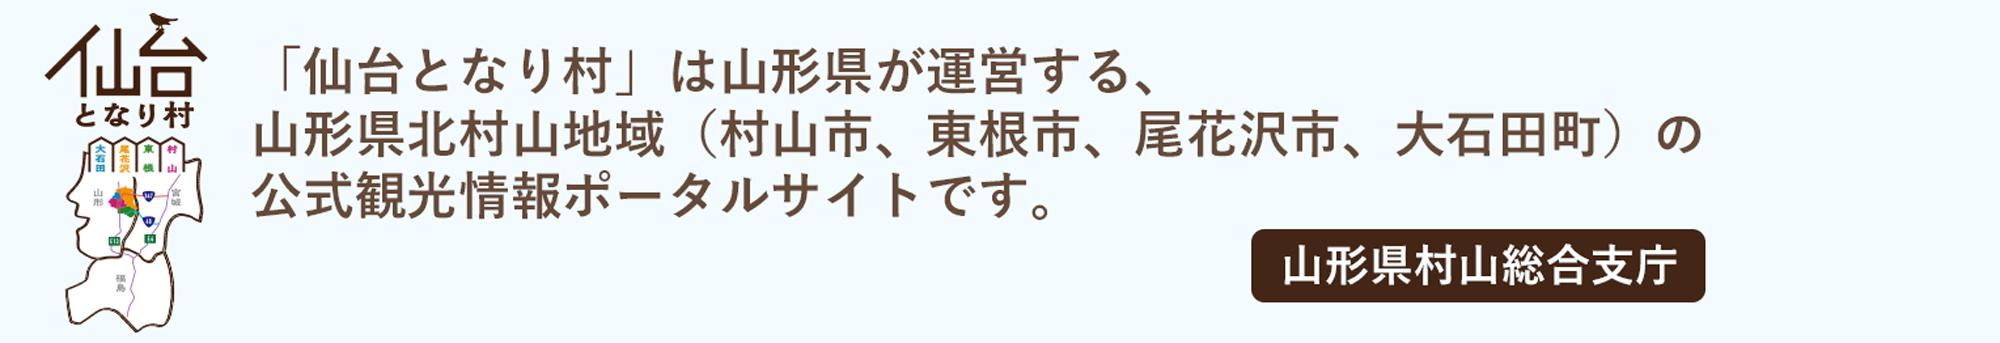 「仙台となり村」は山形県が運営する、山形県北村山地域(村山市、東根市、尾花沢市、大石田町)の公式観光情報ポータルサイトです。